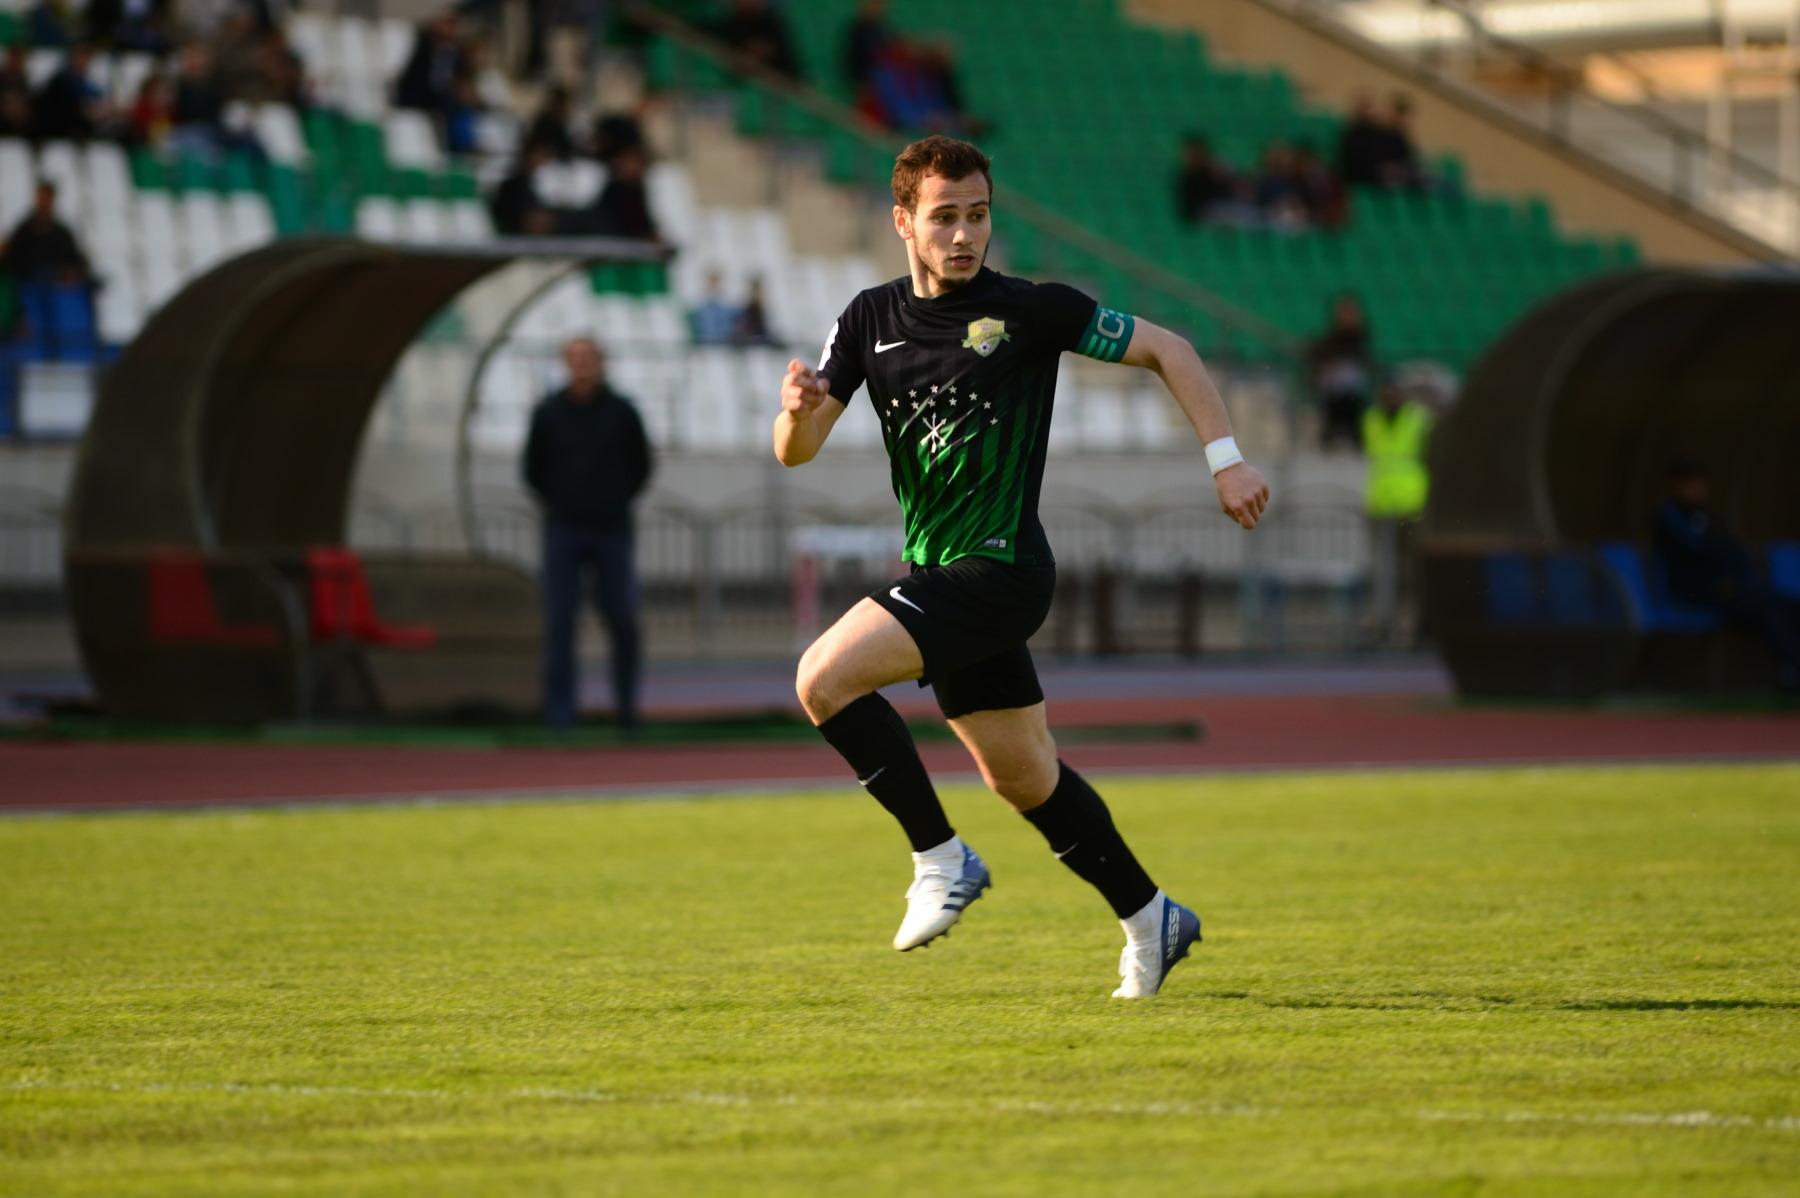 Майкопская «Дружба» одержала победу в первом матче сезона